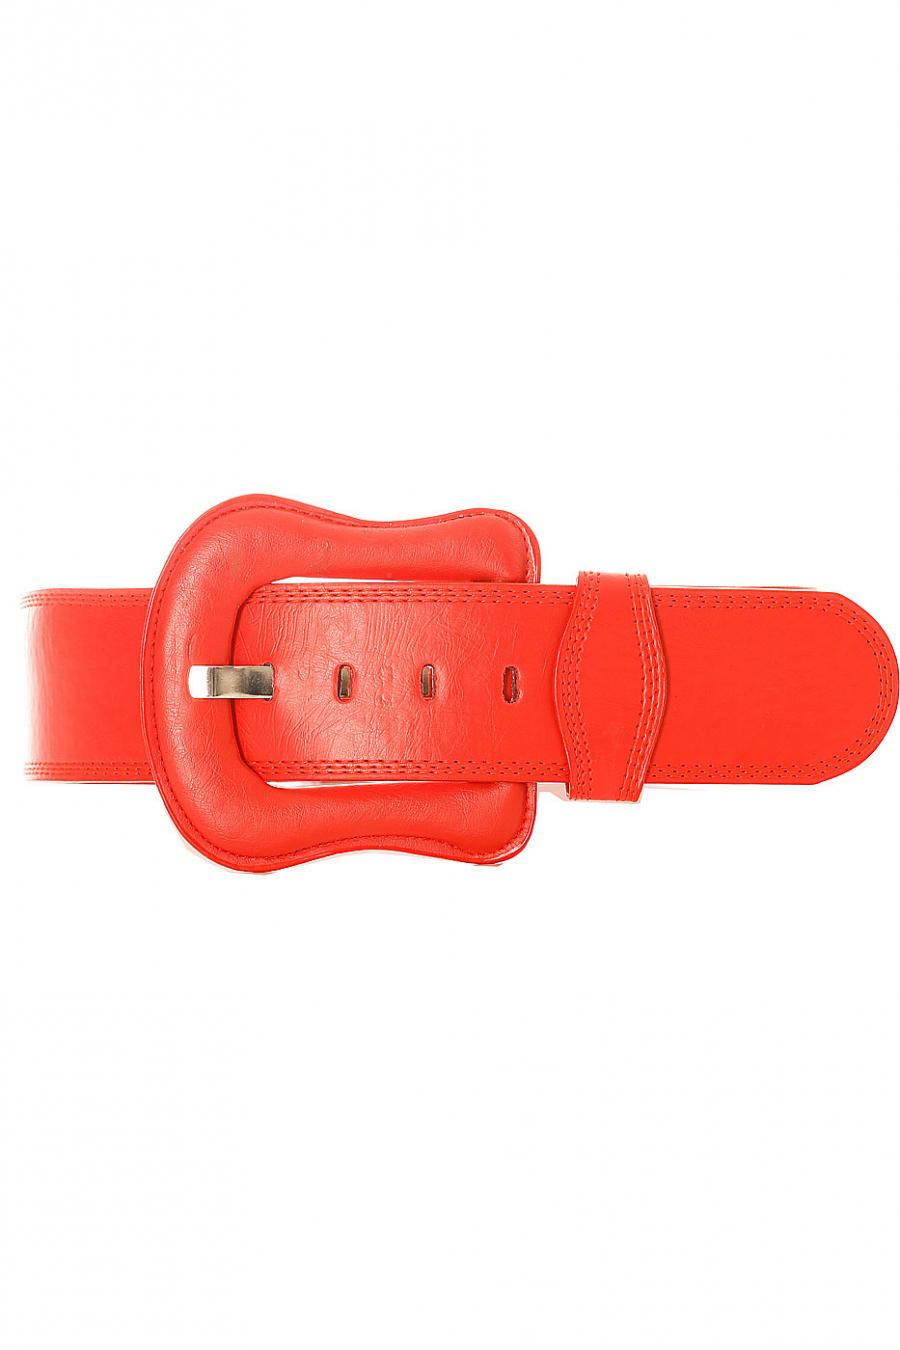 Grosse ceinture rouge avec boucle de la même matière. BG-po13